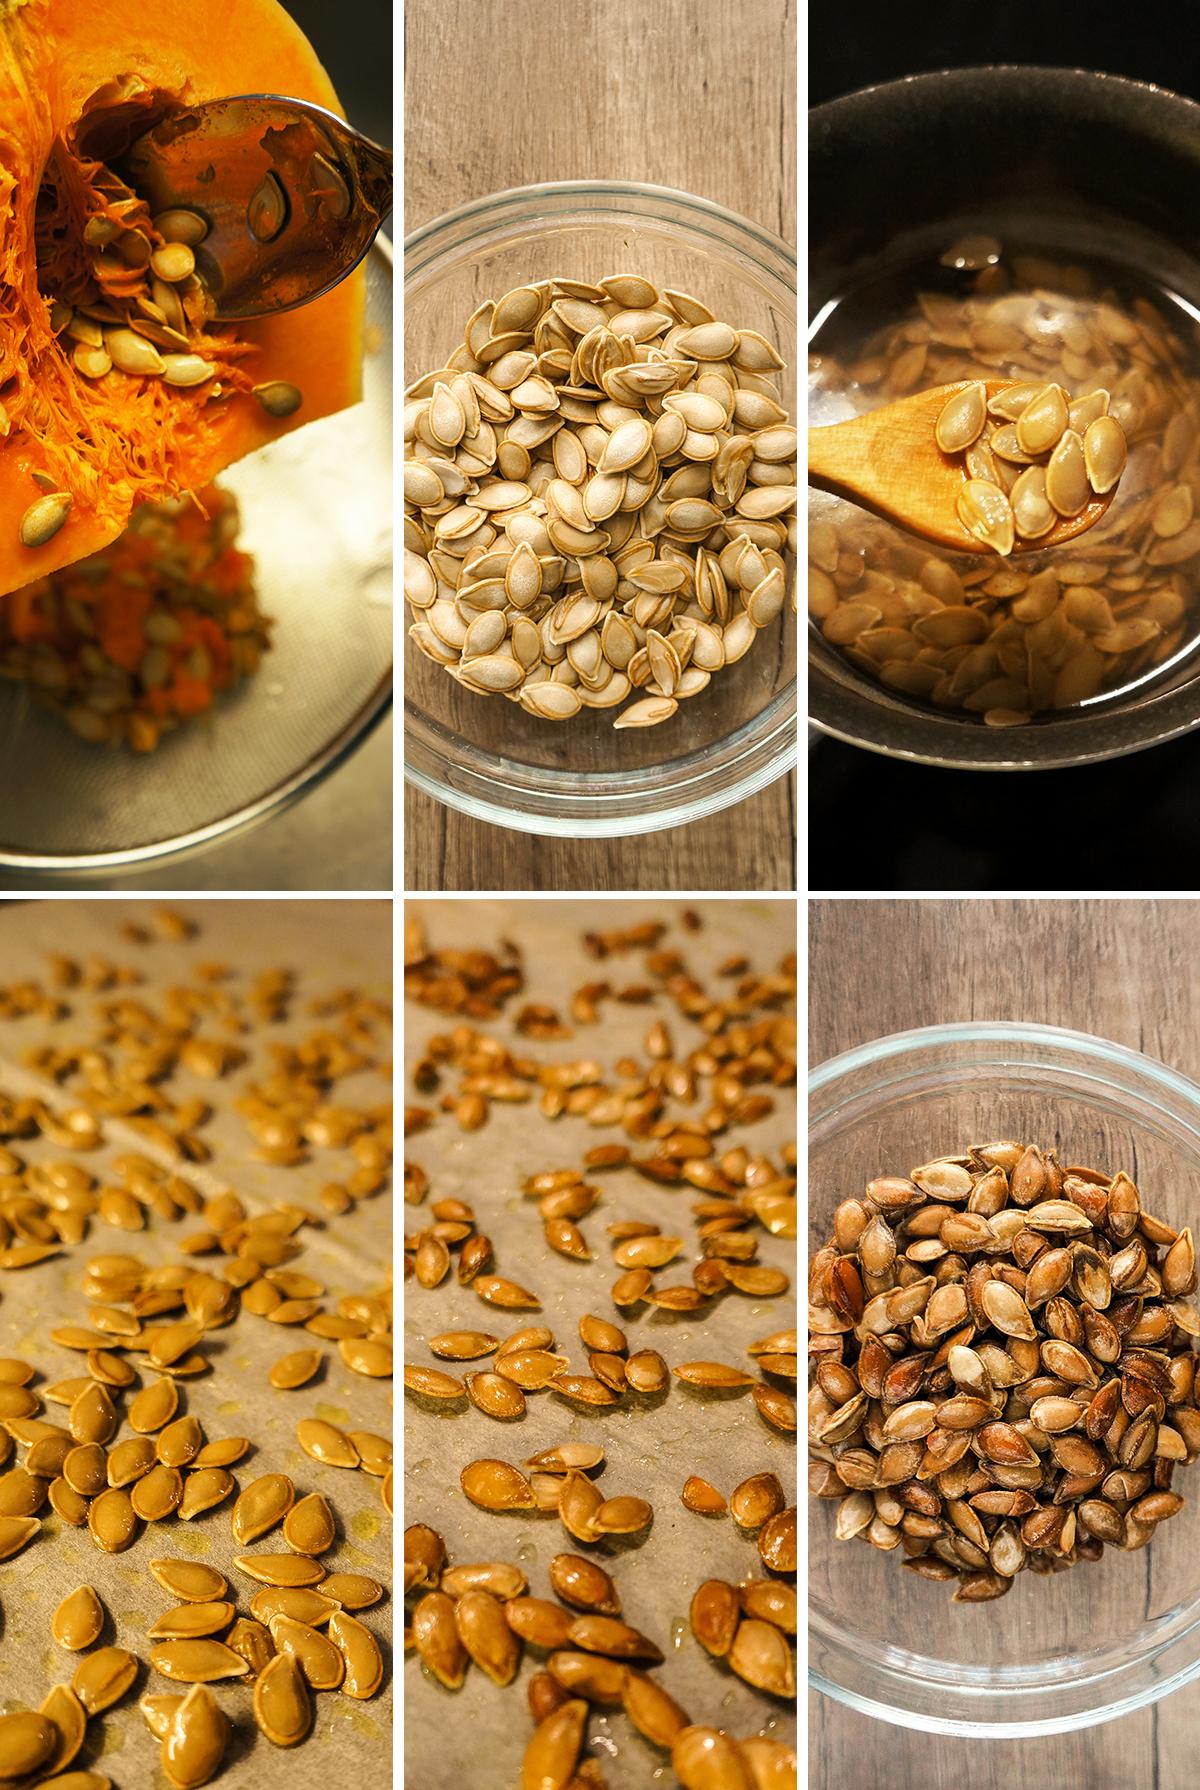 Pečenje bučnih semen